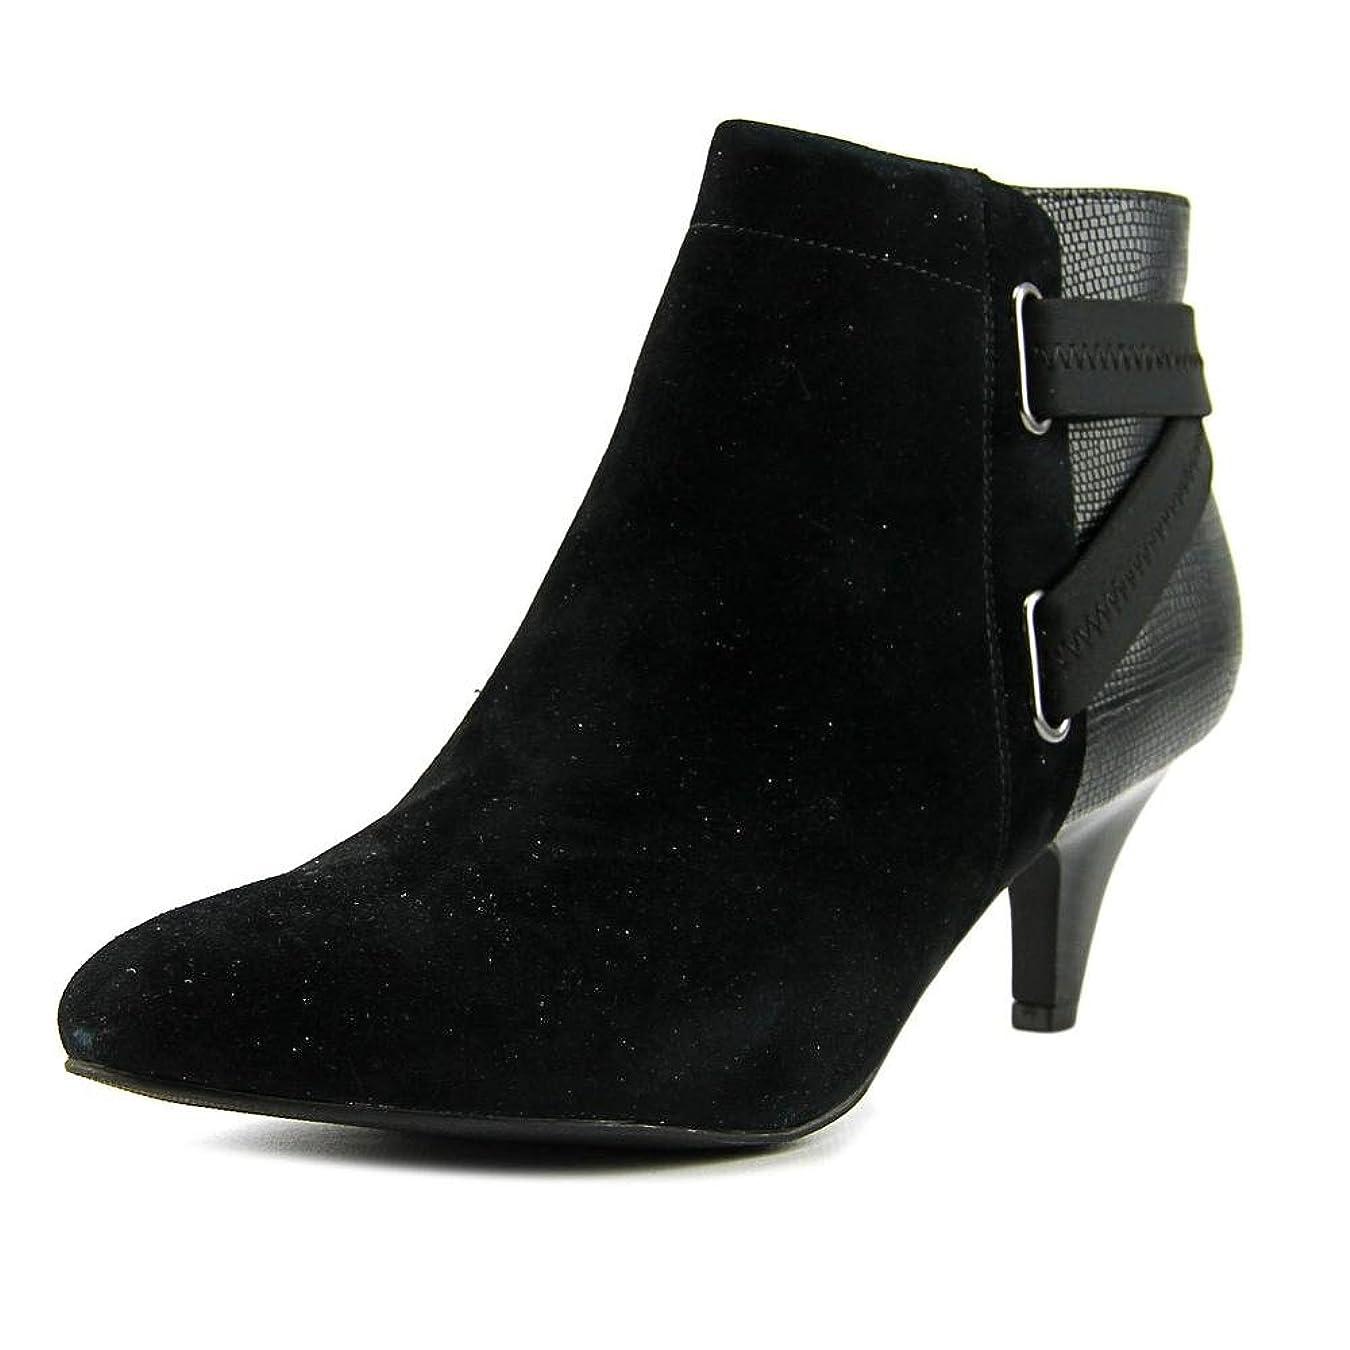 年金ラブローブAlfani Womens Vandela2 Closed Toe Leather Fashion Boots, Black, Size 11